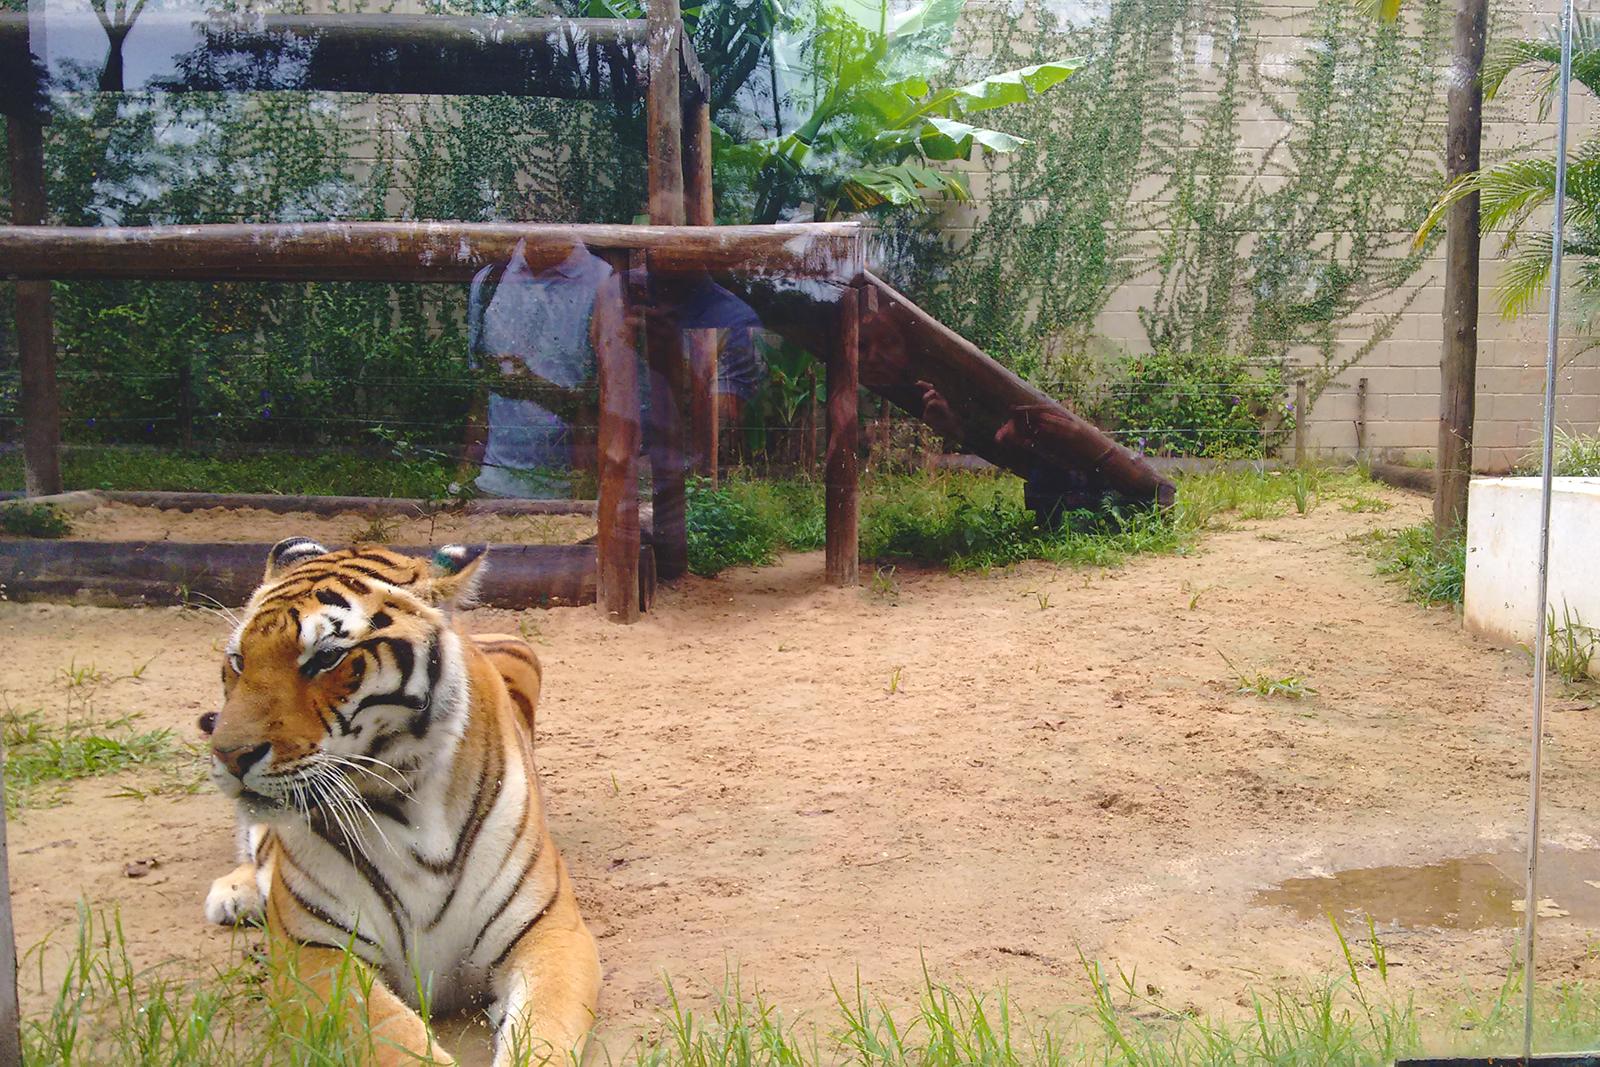 tigre deitado olhando para o lado